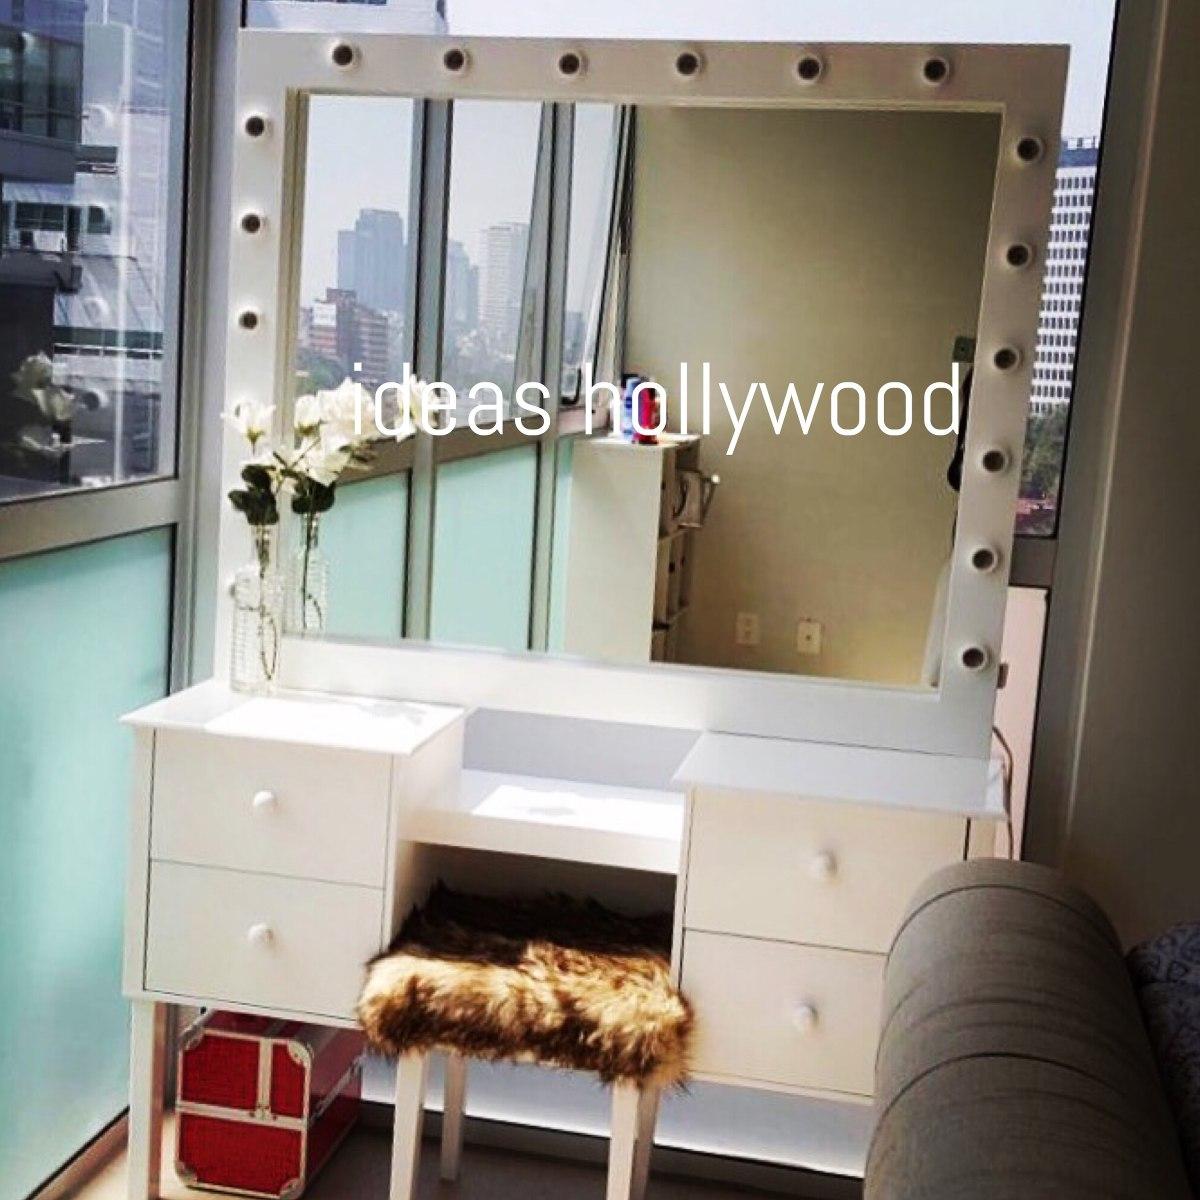 Tocador Hollywood Cl Sico Con 18 Focos 8 500 00 En Mercado Libre # Muebles Hollywood